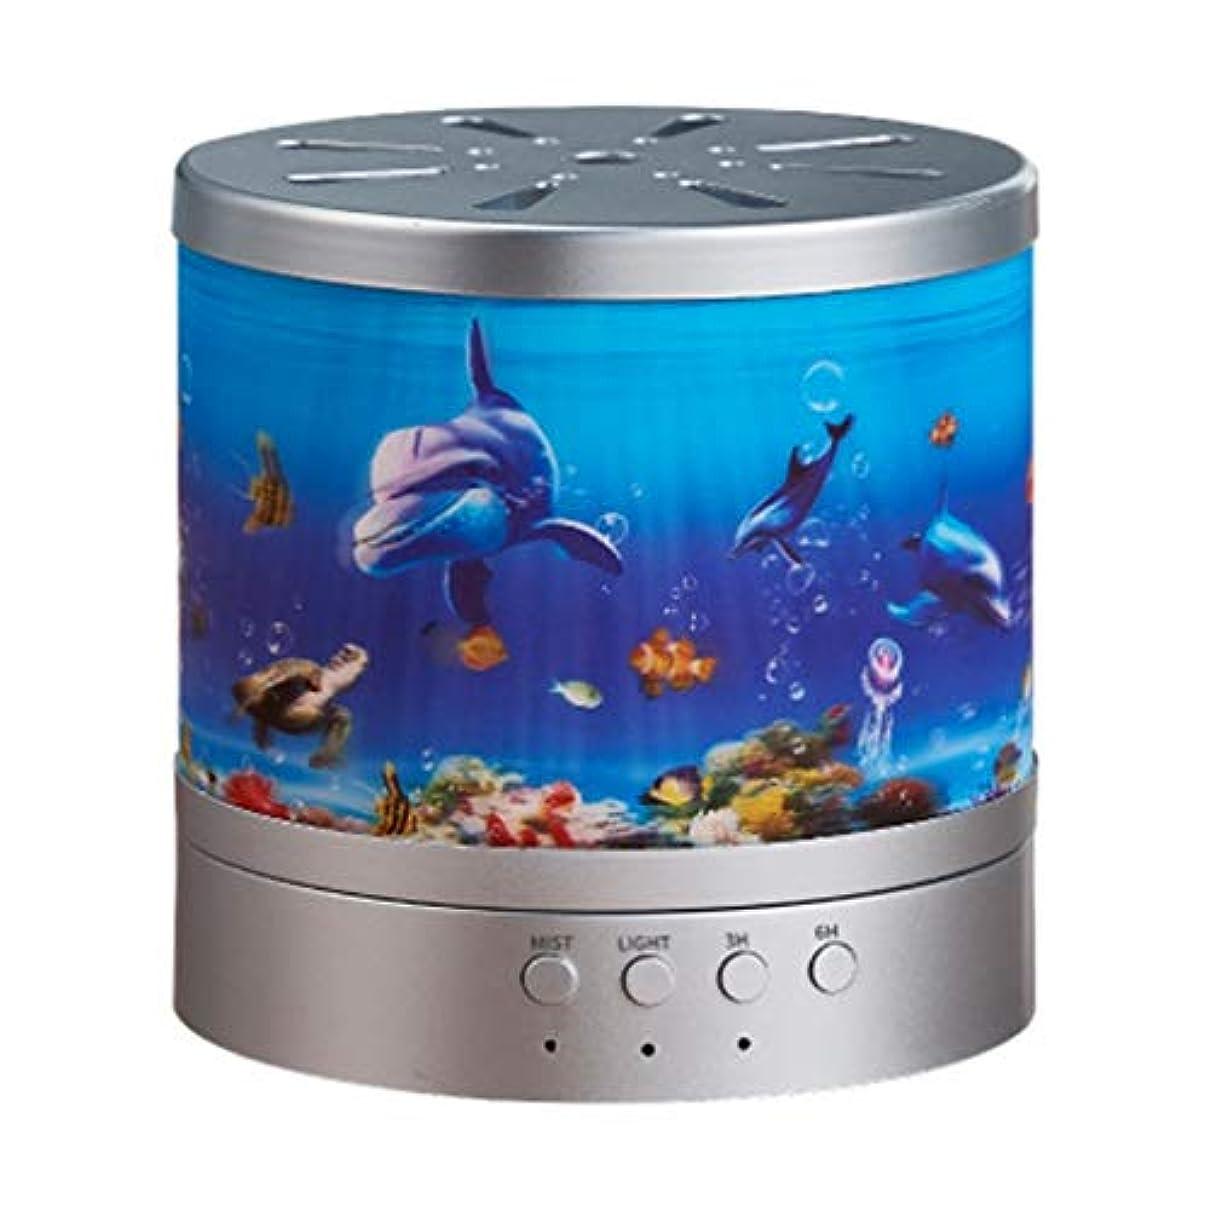 不和体操タイマー精油のための海洋の主題の拡散器超音波涼しい霧の加湿器、水なしの自動シャットオフおよび7つの色LEDライトは内務省のために変わります (Color : Silver)